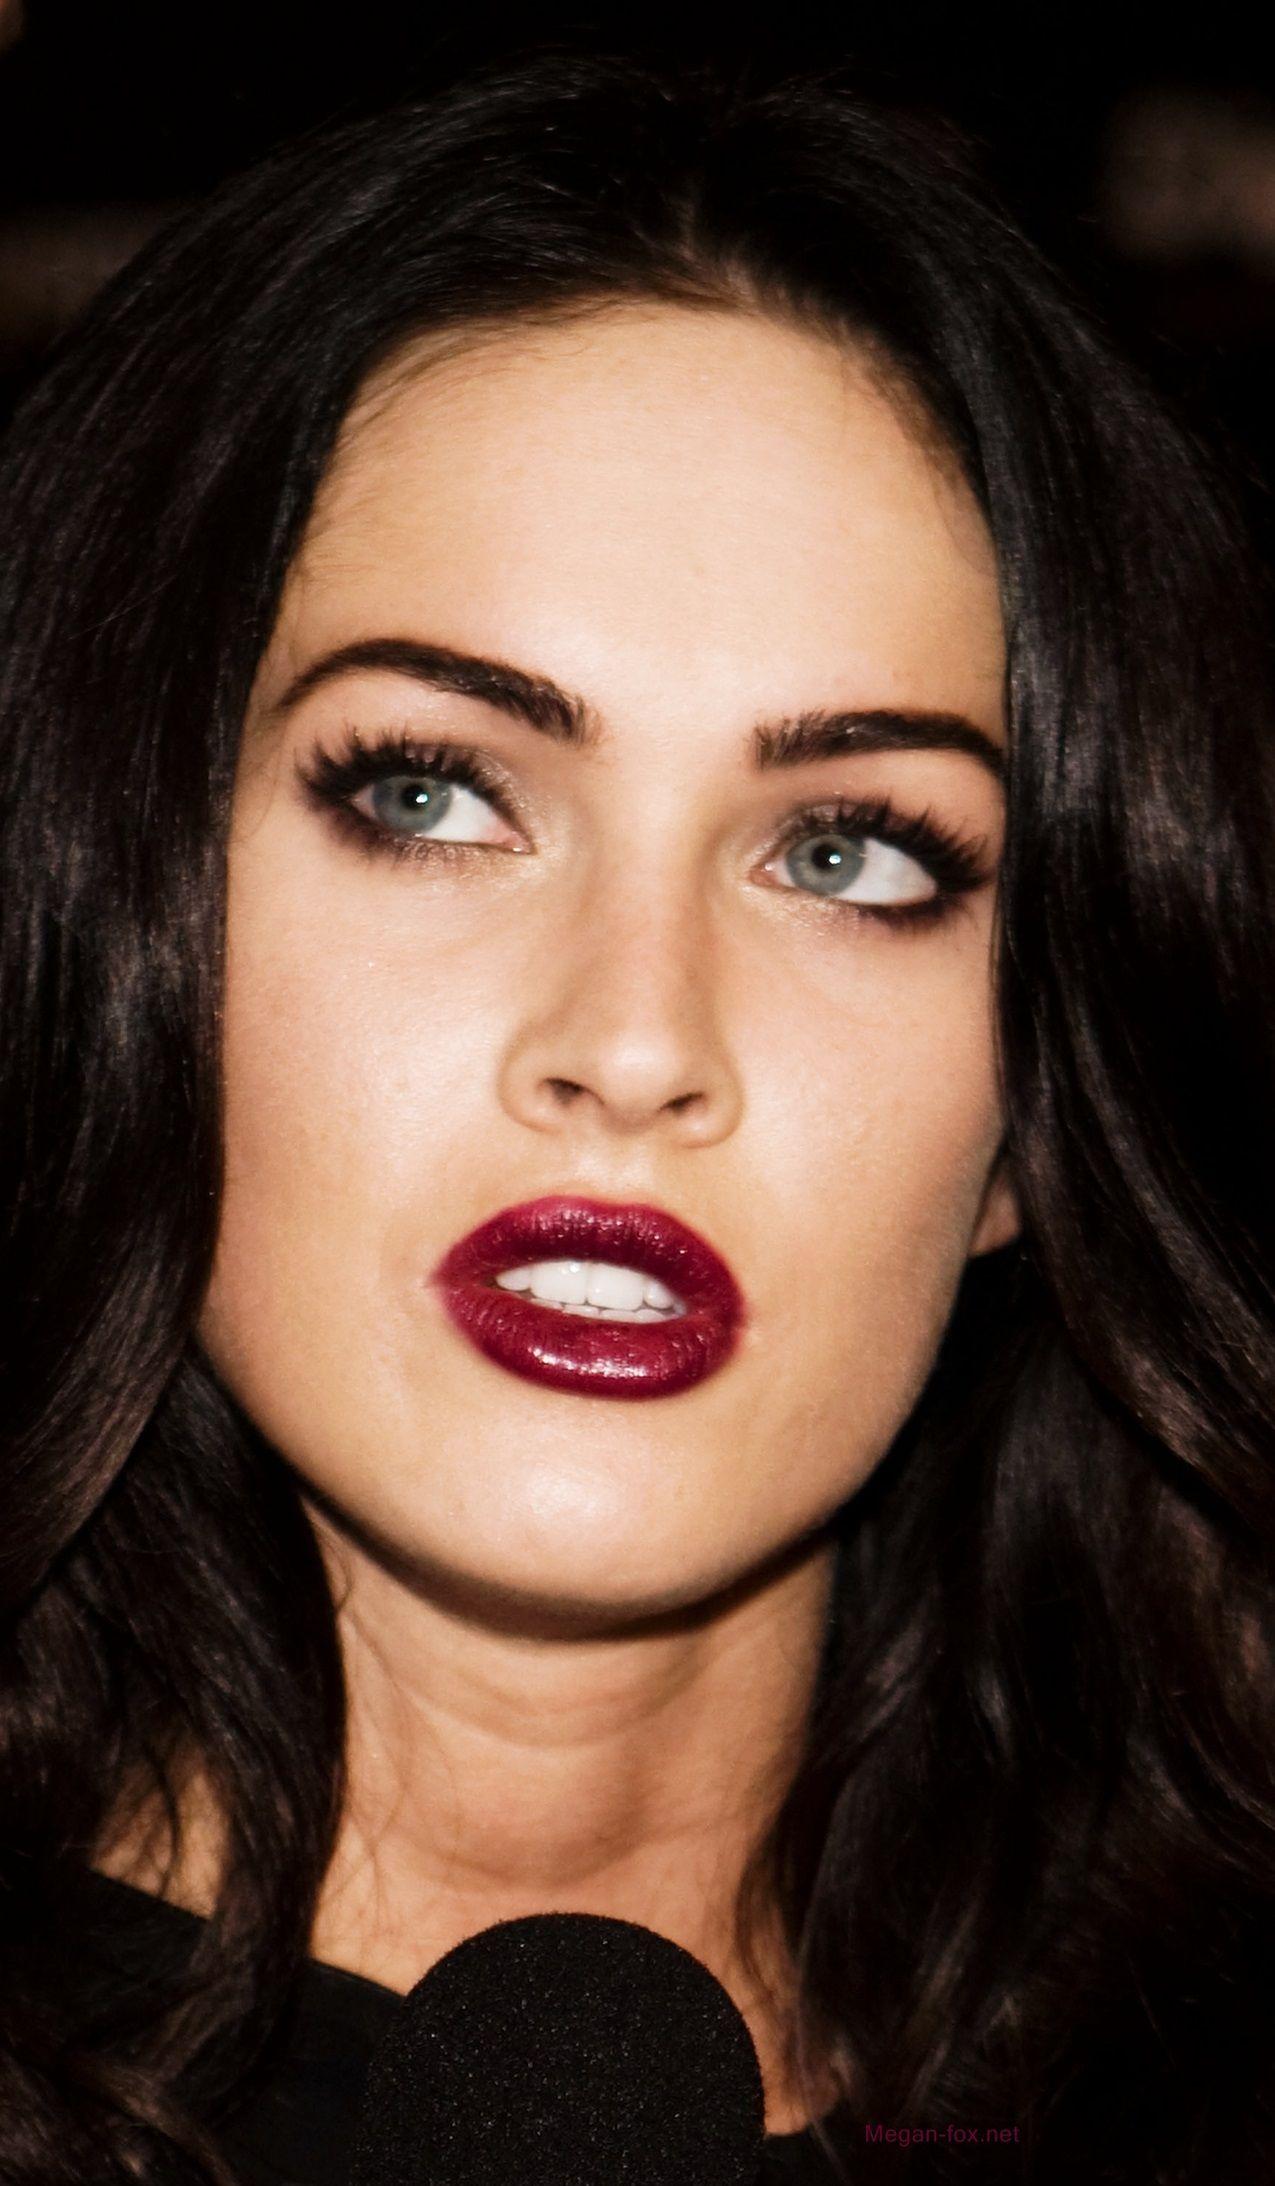 Dark hair and berry lips